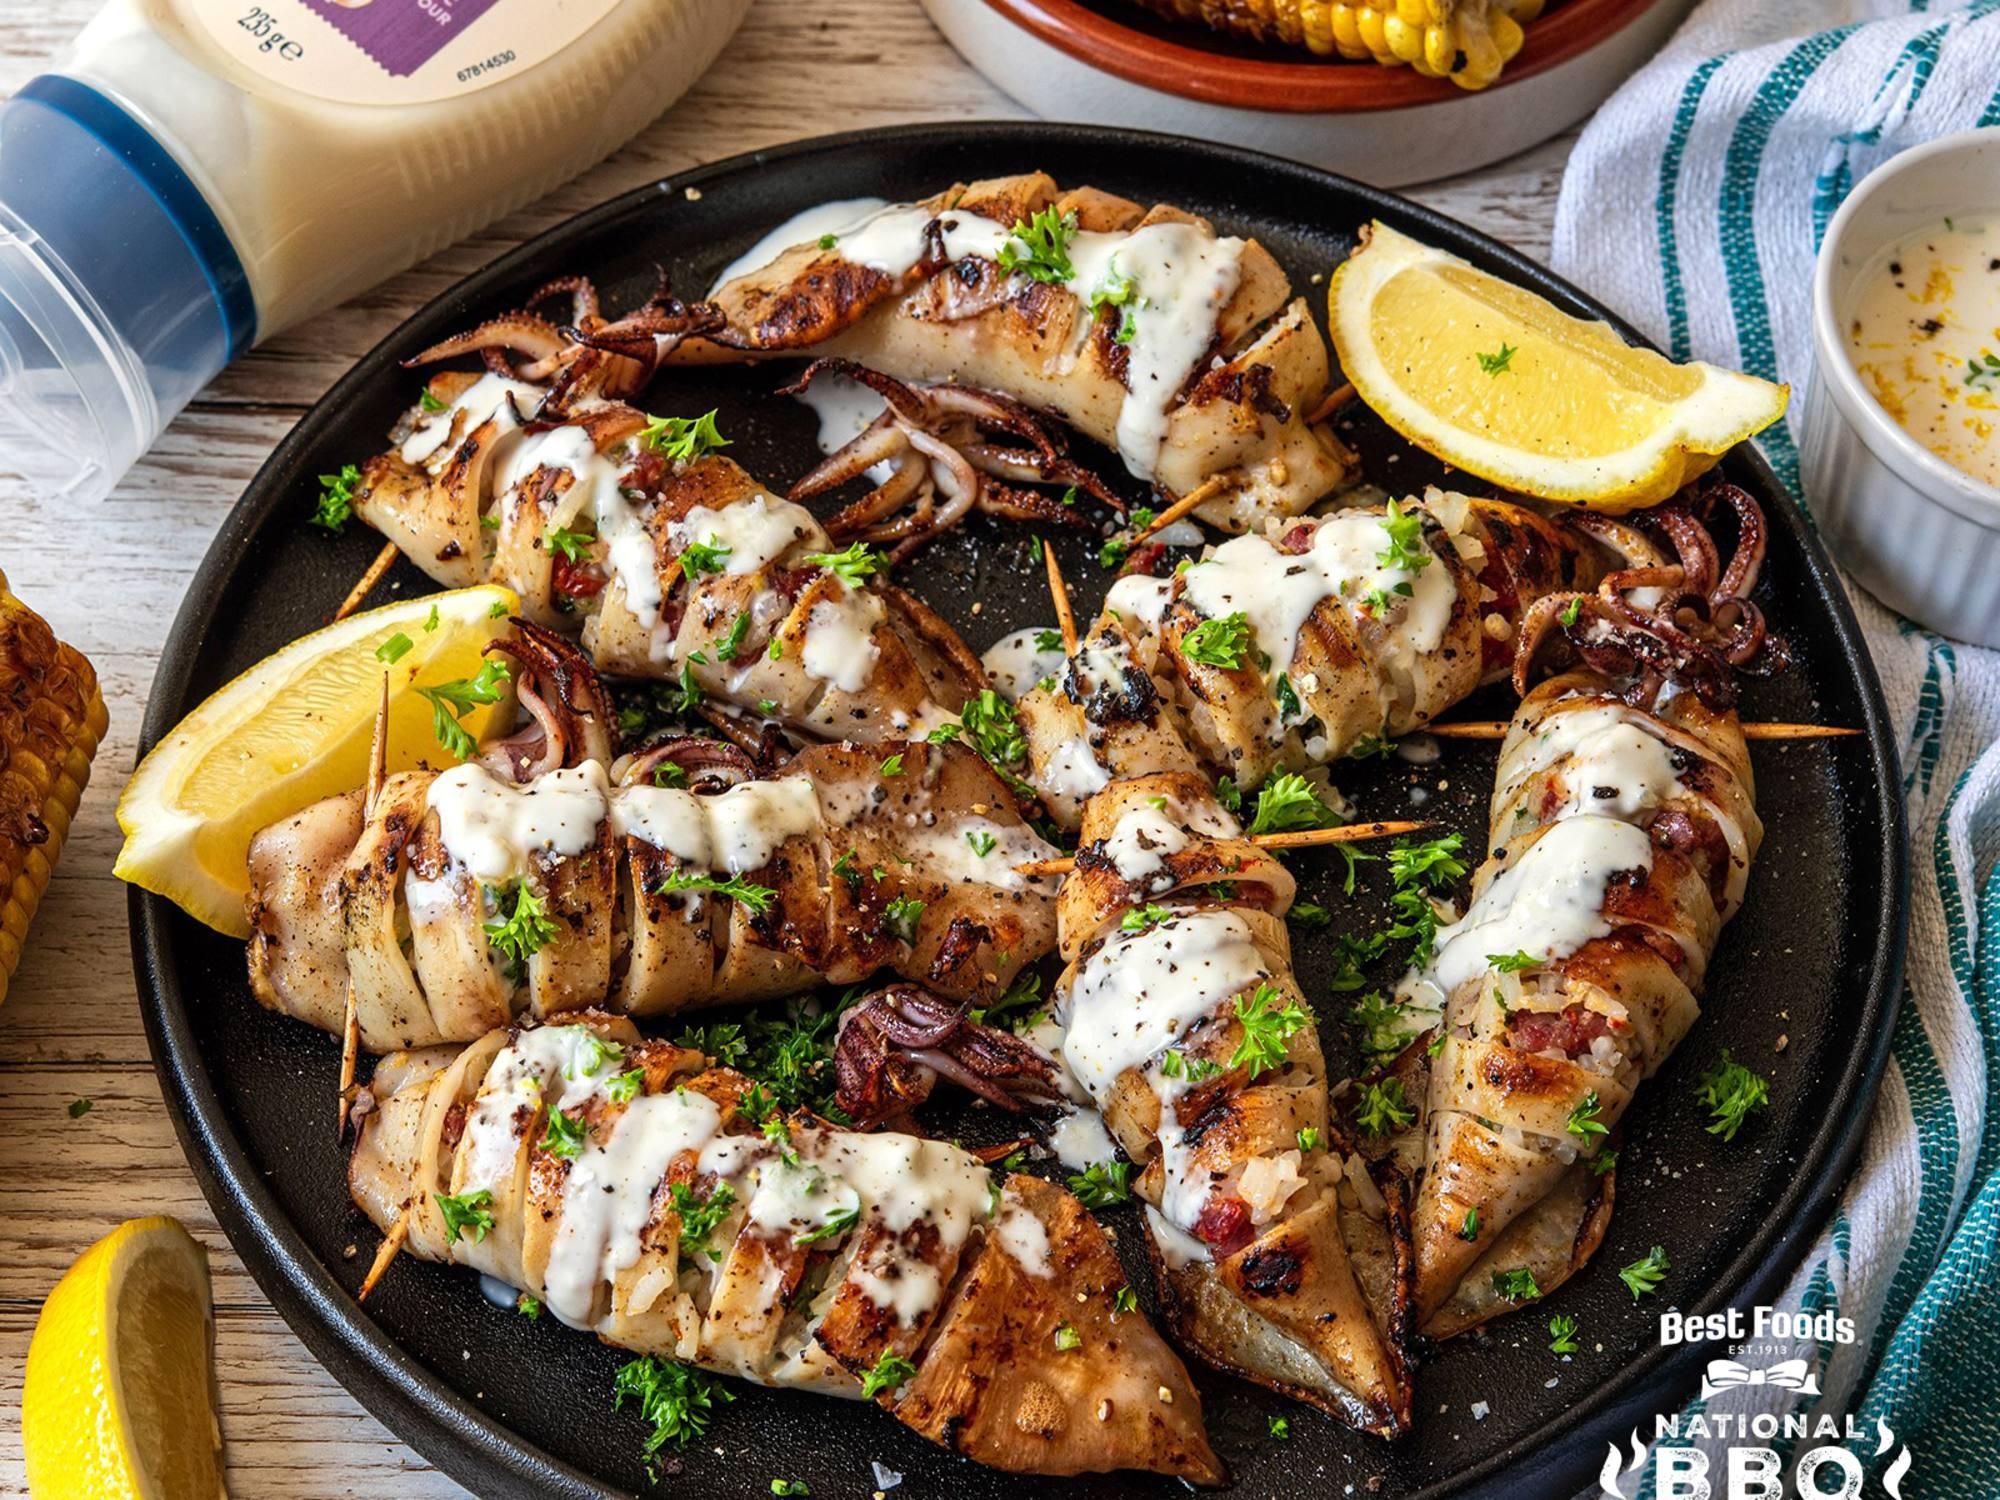 Stuffed BBQ Squid with Garlic Aioli